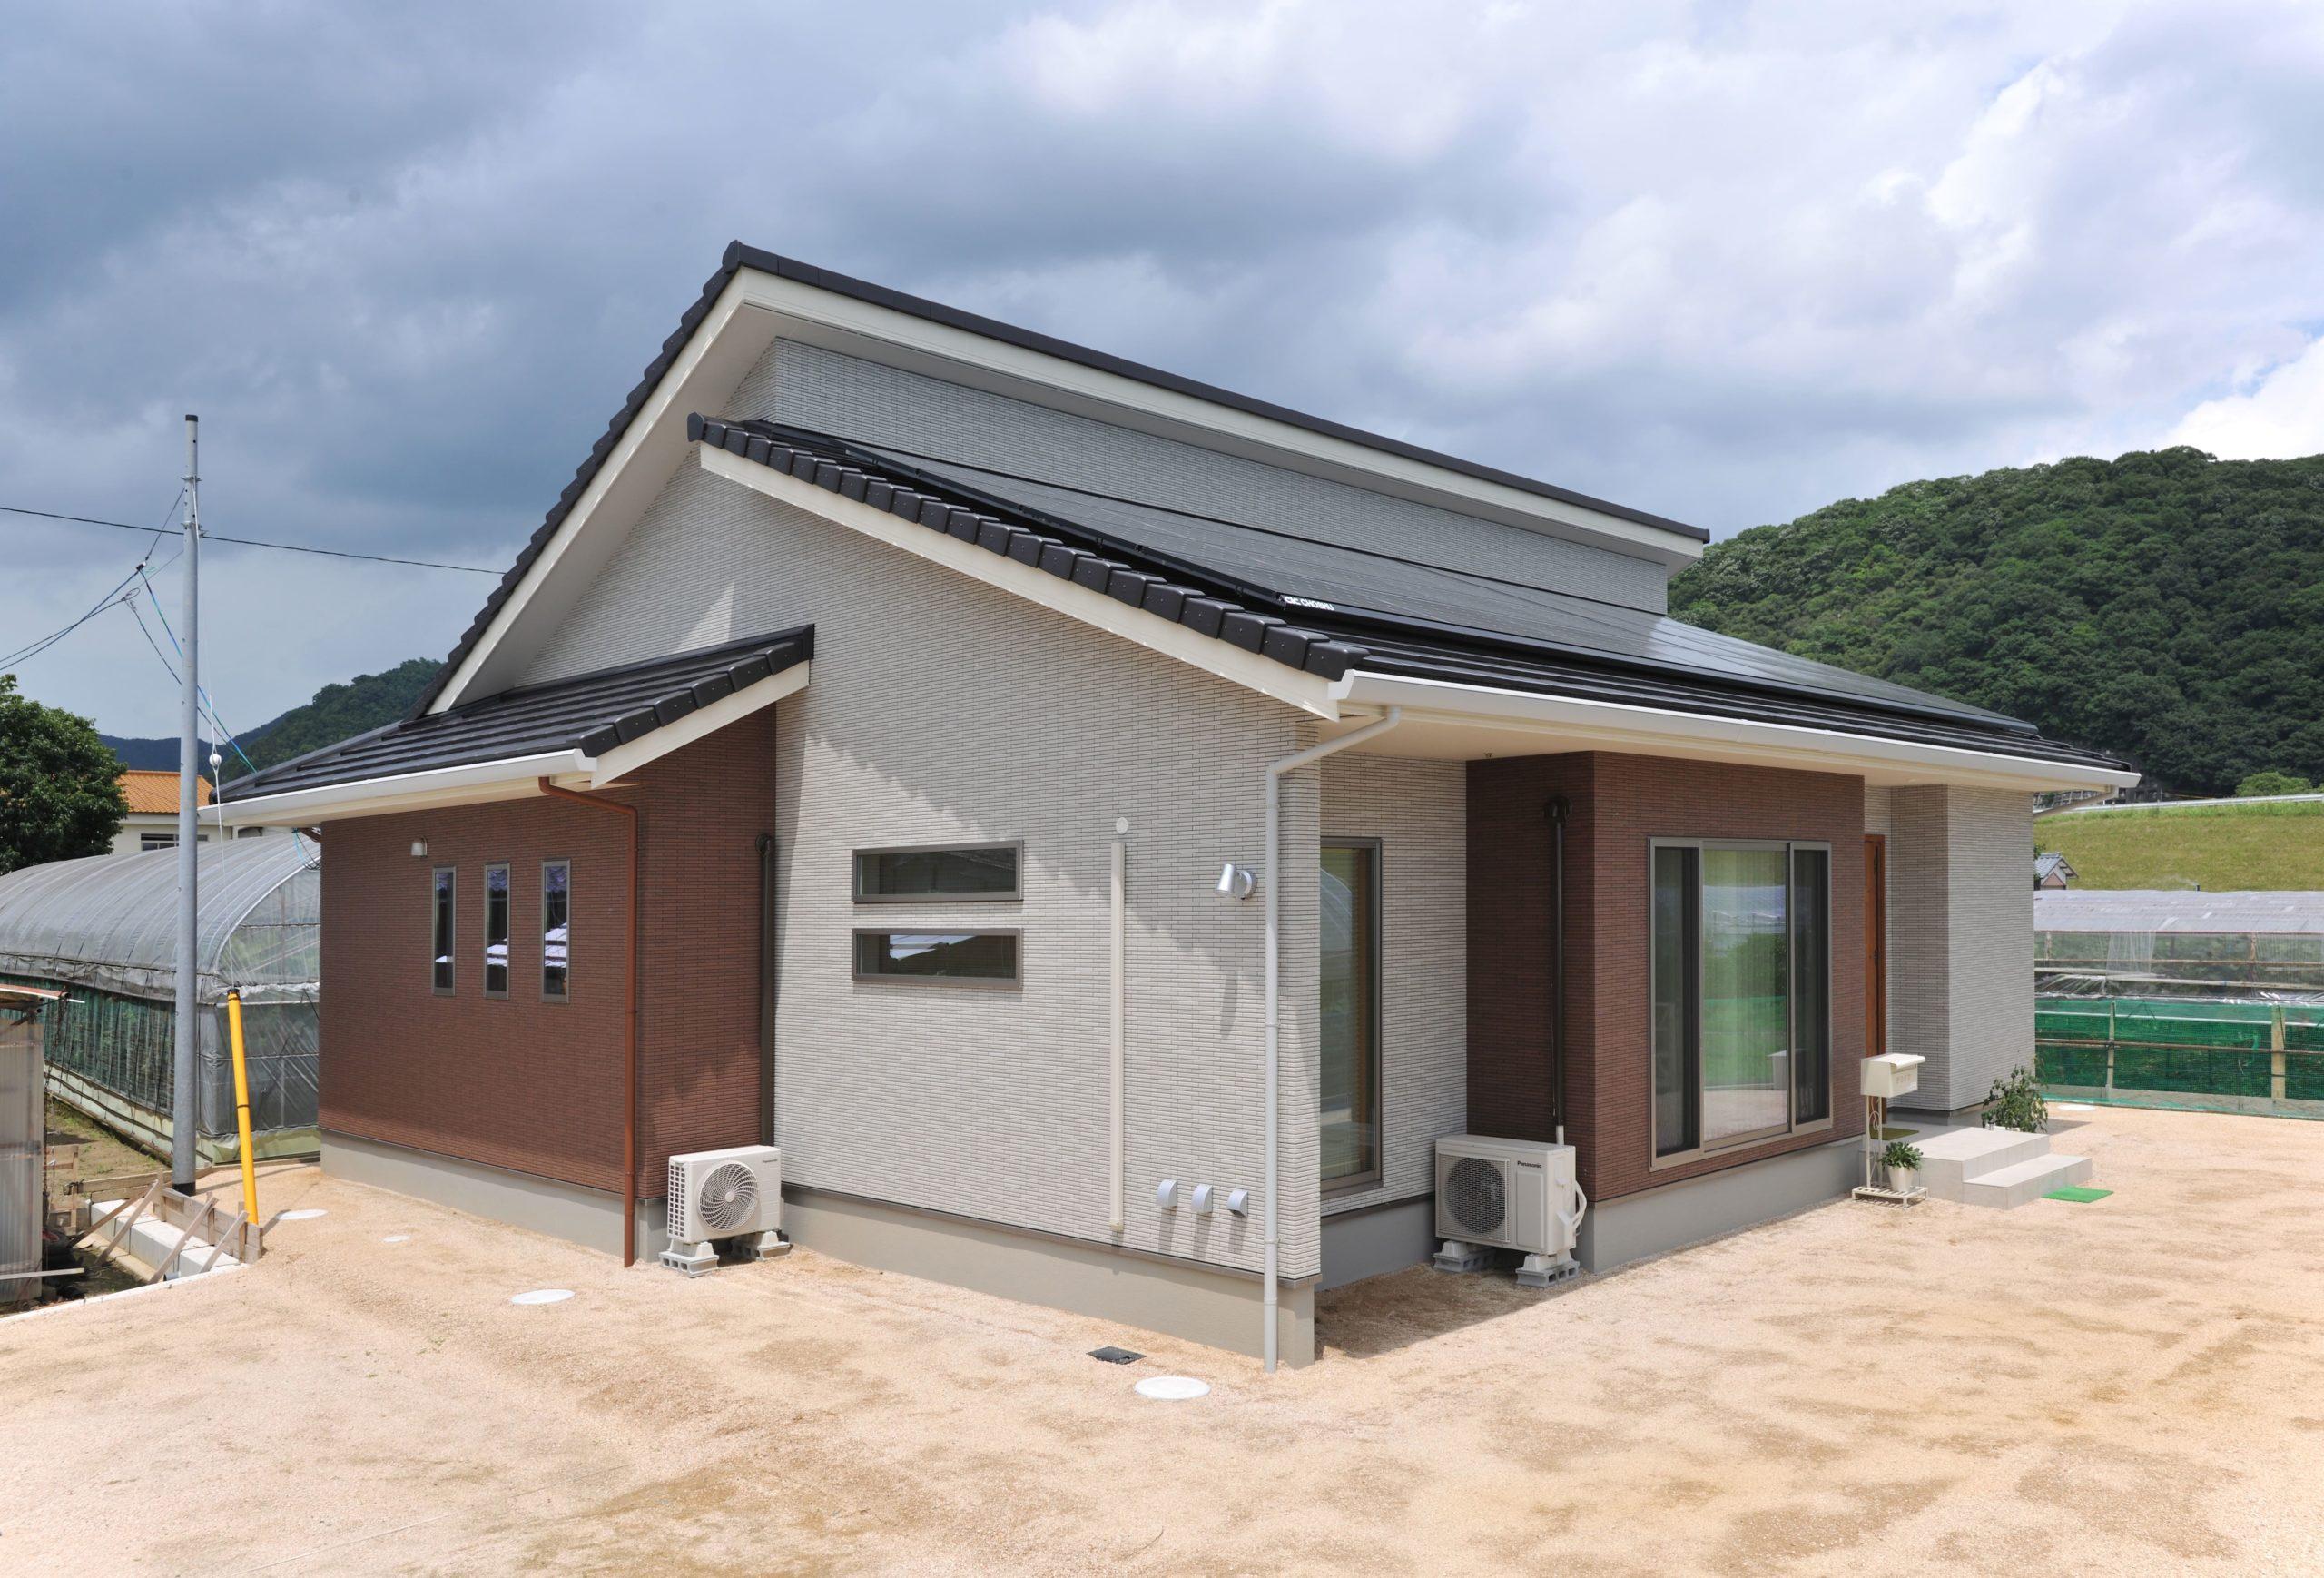 勾配天井と梁のある魅力あるリビングで家族みんなが快適に過ごせる平屋の住まい イメージ